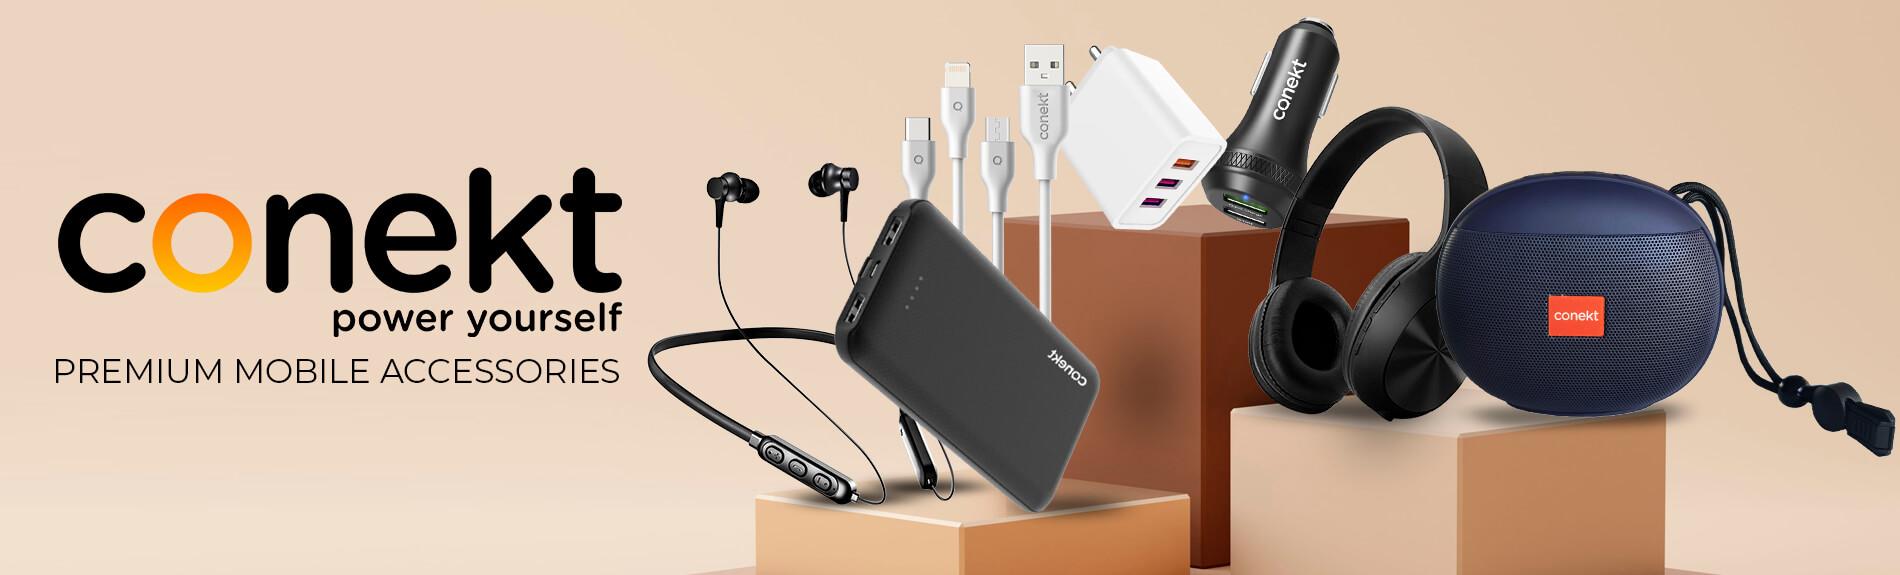 Conekt premium mobile accessories